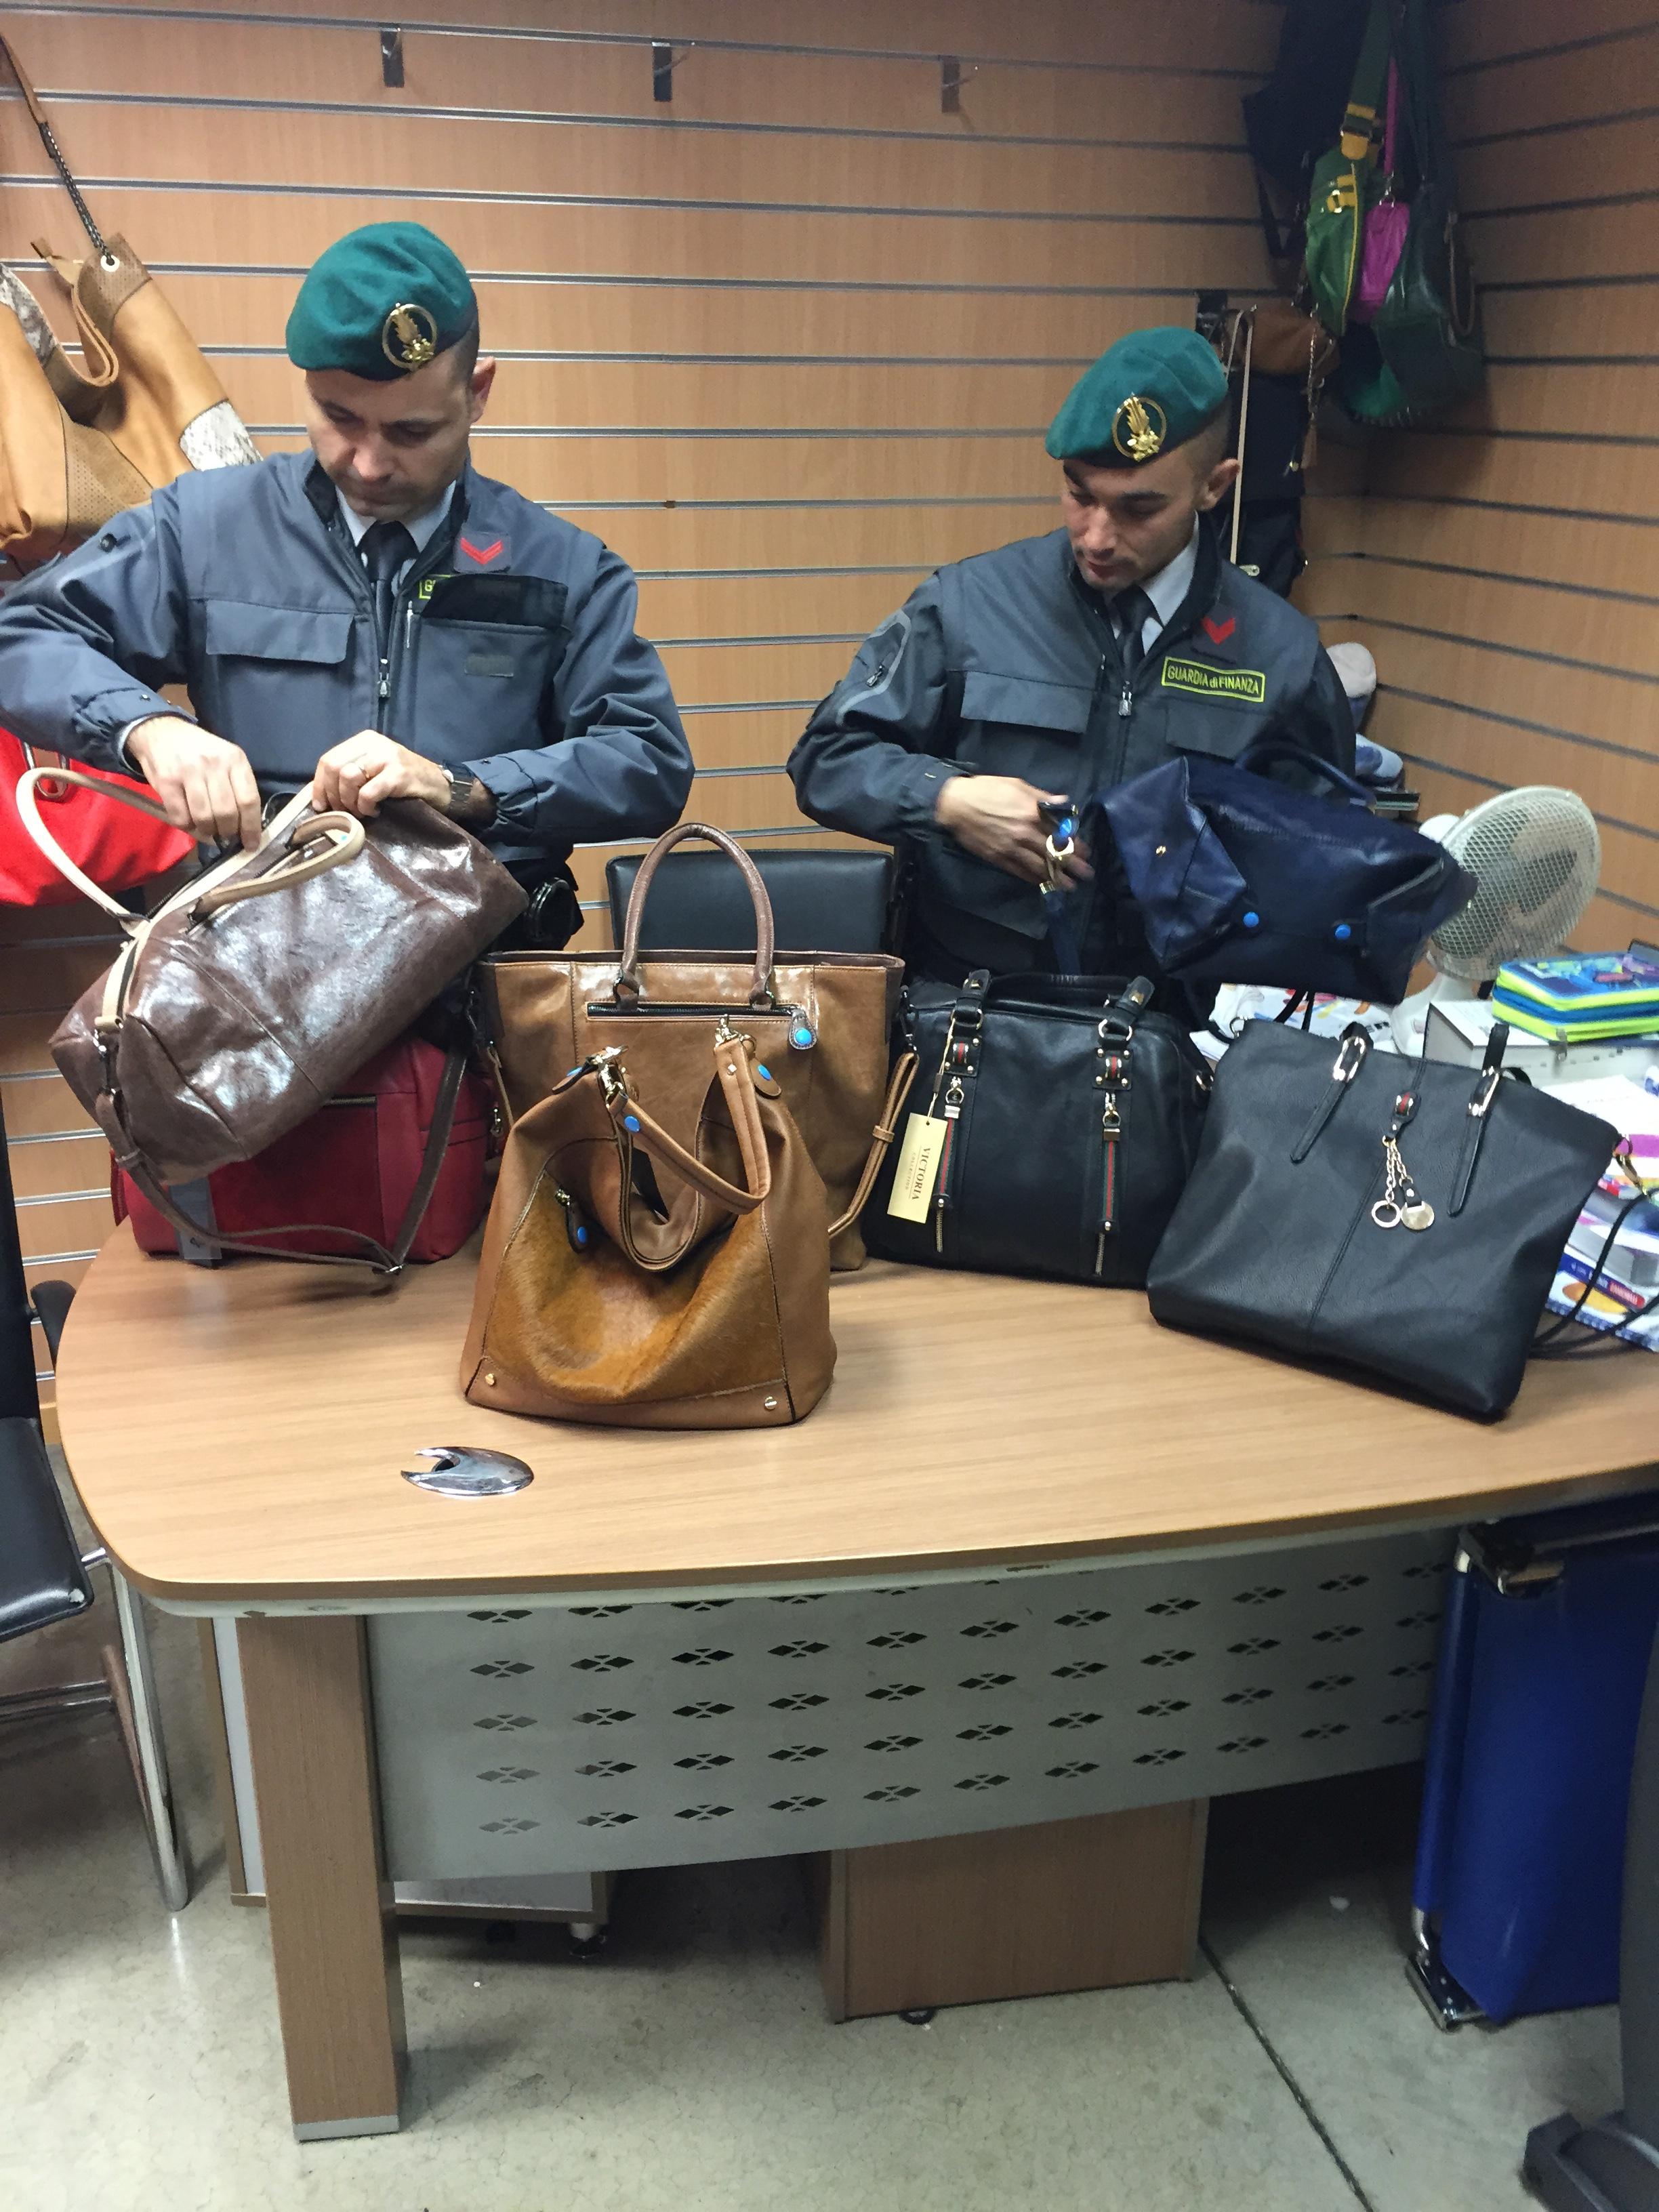 Ingrosso Borse Firenze.Falsi Gucci E Gabs Gdf Sequestra 5mila Borse Contraffatte